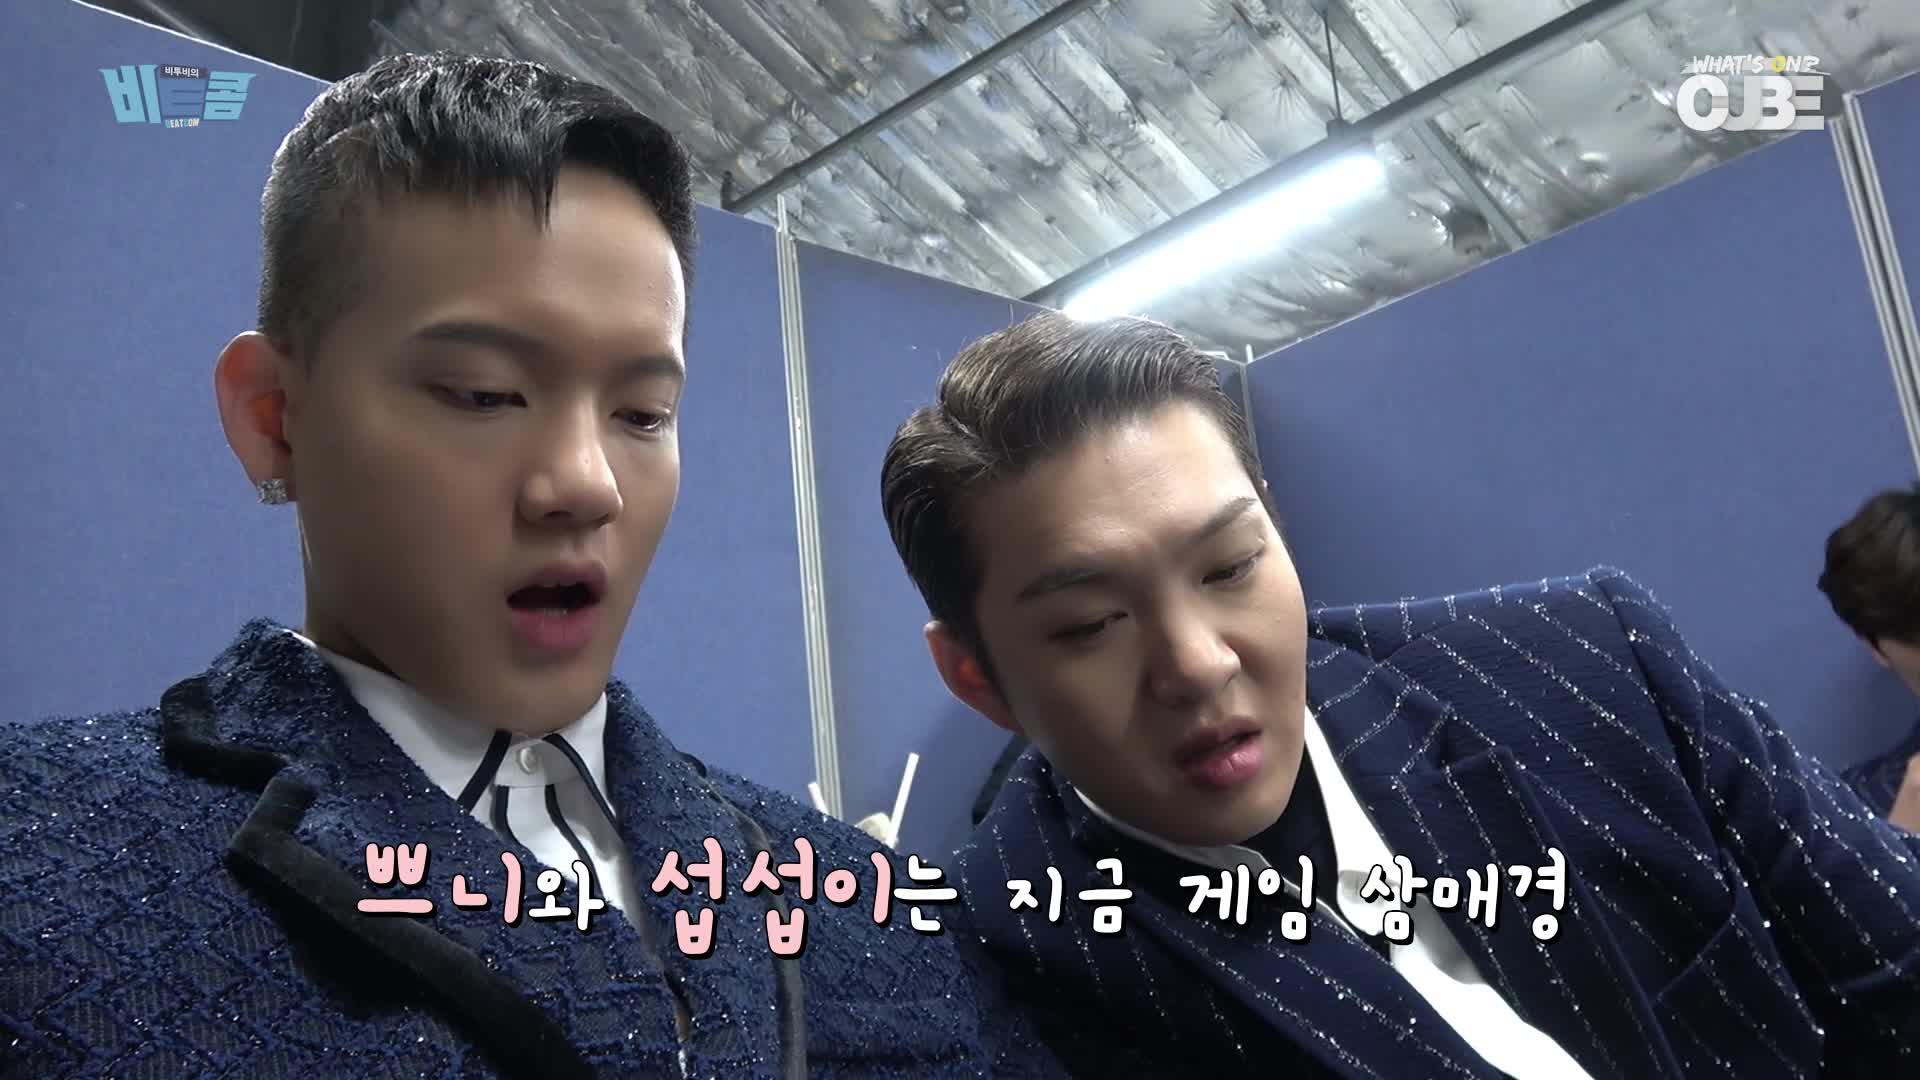 비투비 - 비트콤 #78 (2018 뮤직뱅크 연말결산 & 가요대전 비하인드)